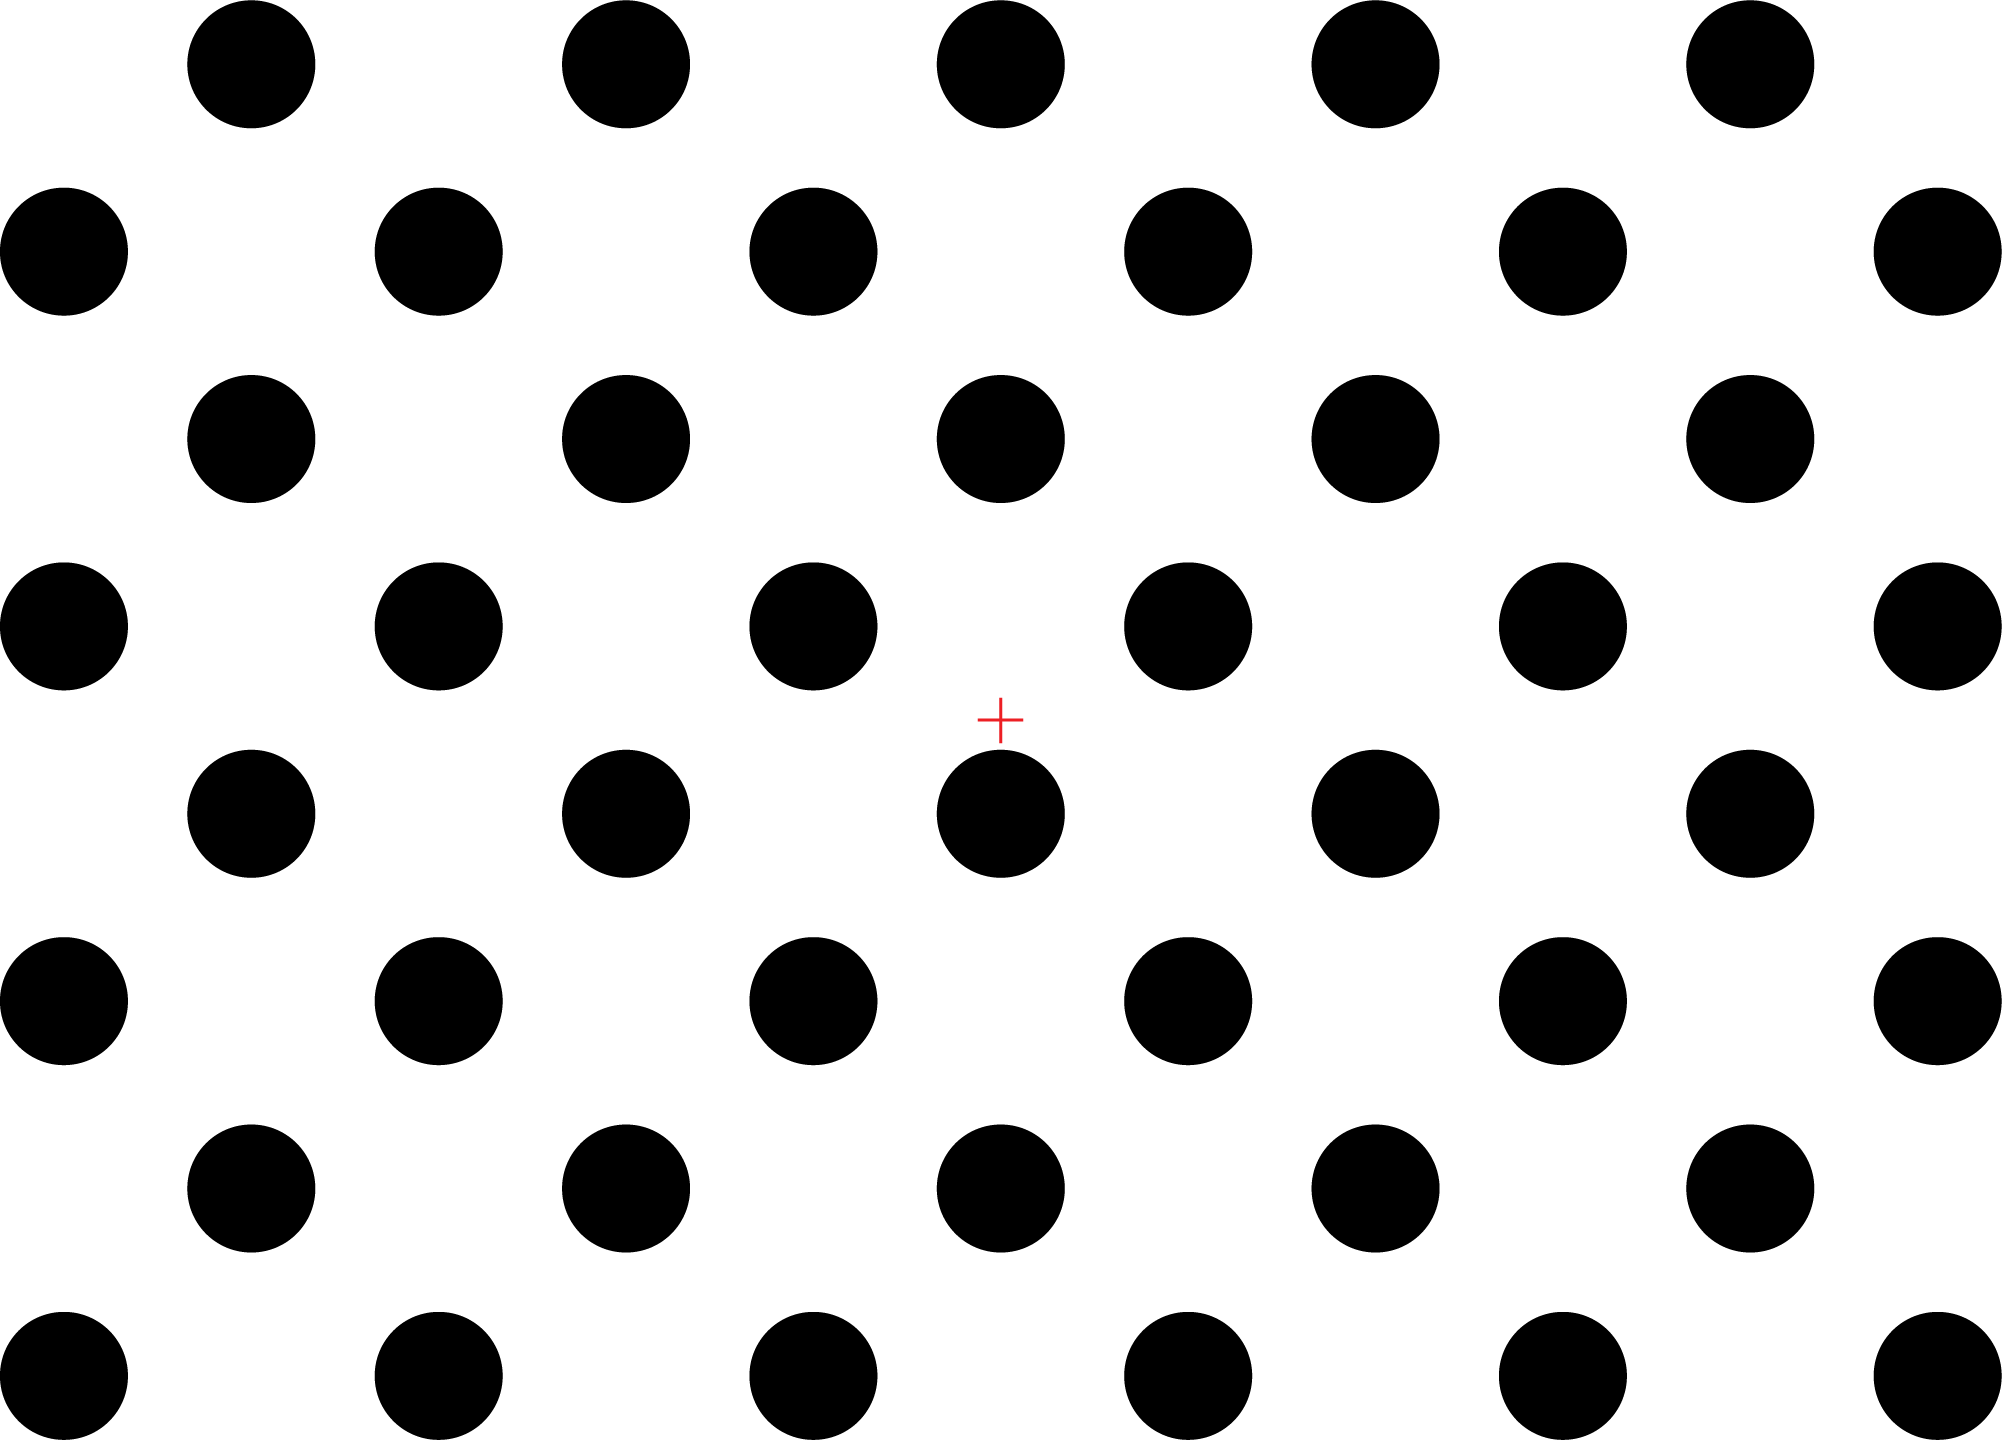 Vector Circle Design Png Google Search Polka Dots Wallpaper Black And White Wallpaper Dots Wallpaper